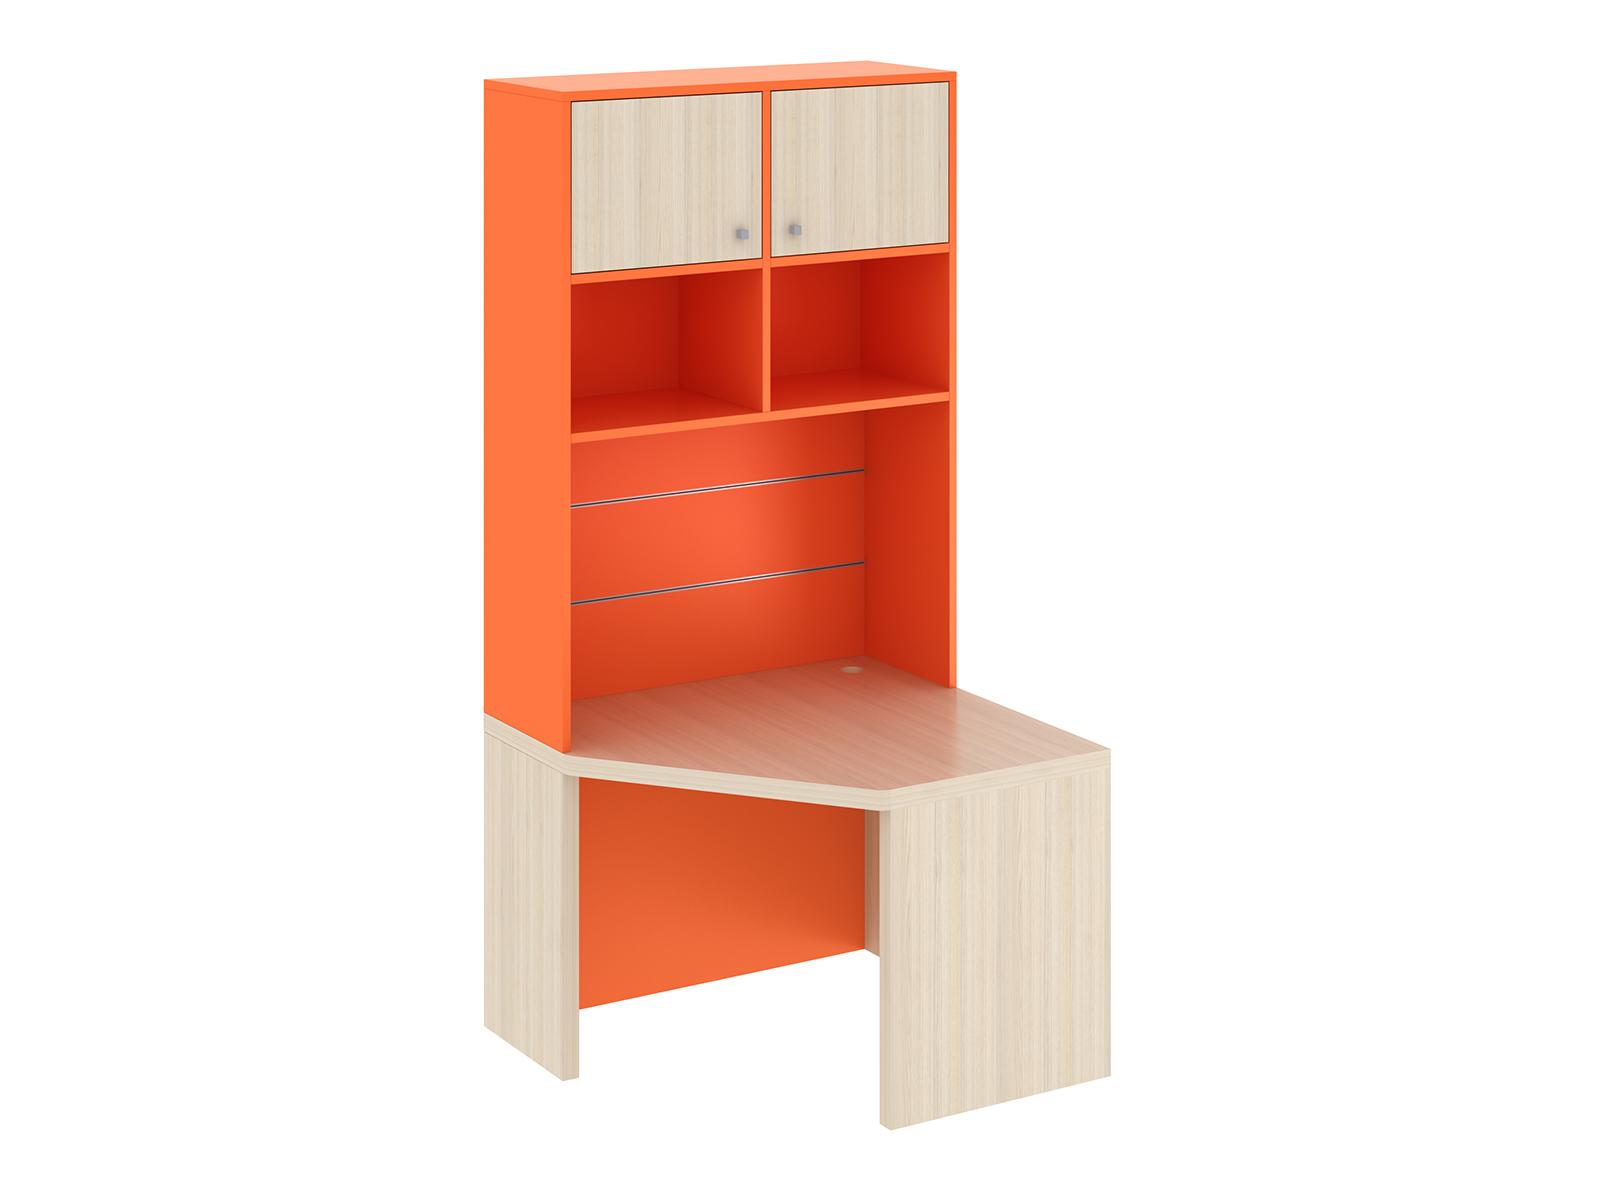 Cекция PinokkioСтолы<br>Рабочая секция угловая левая представляет собой письменный угловой стол с надстроенными  сверху закрытыми и открытыми полками. Дополнительно в секцию можно установить полку со стаканами, металлические и щитовые полки.<br>